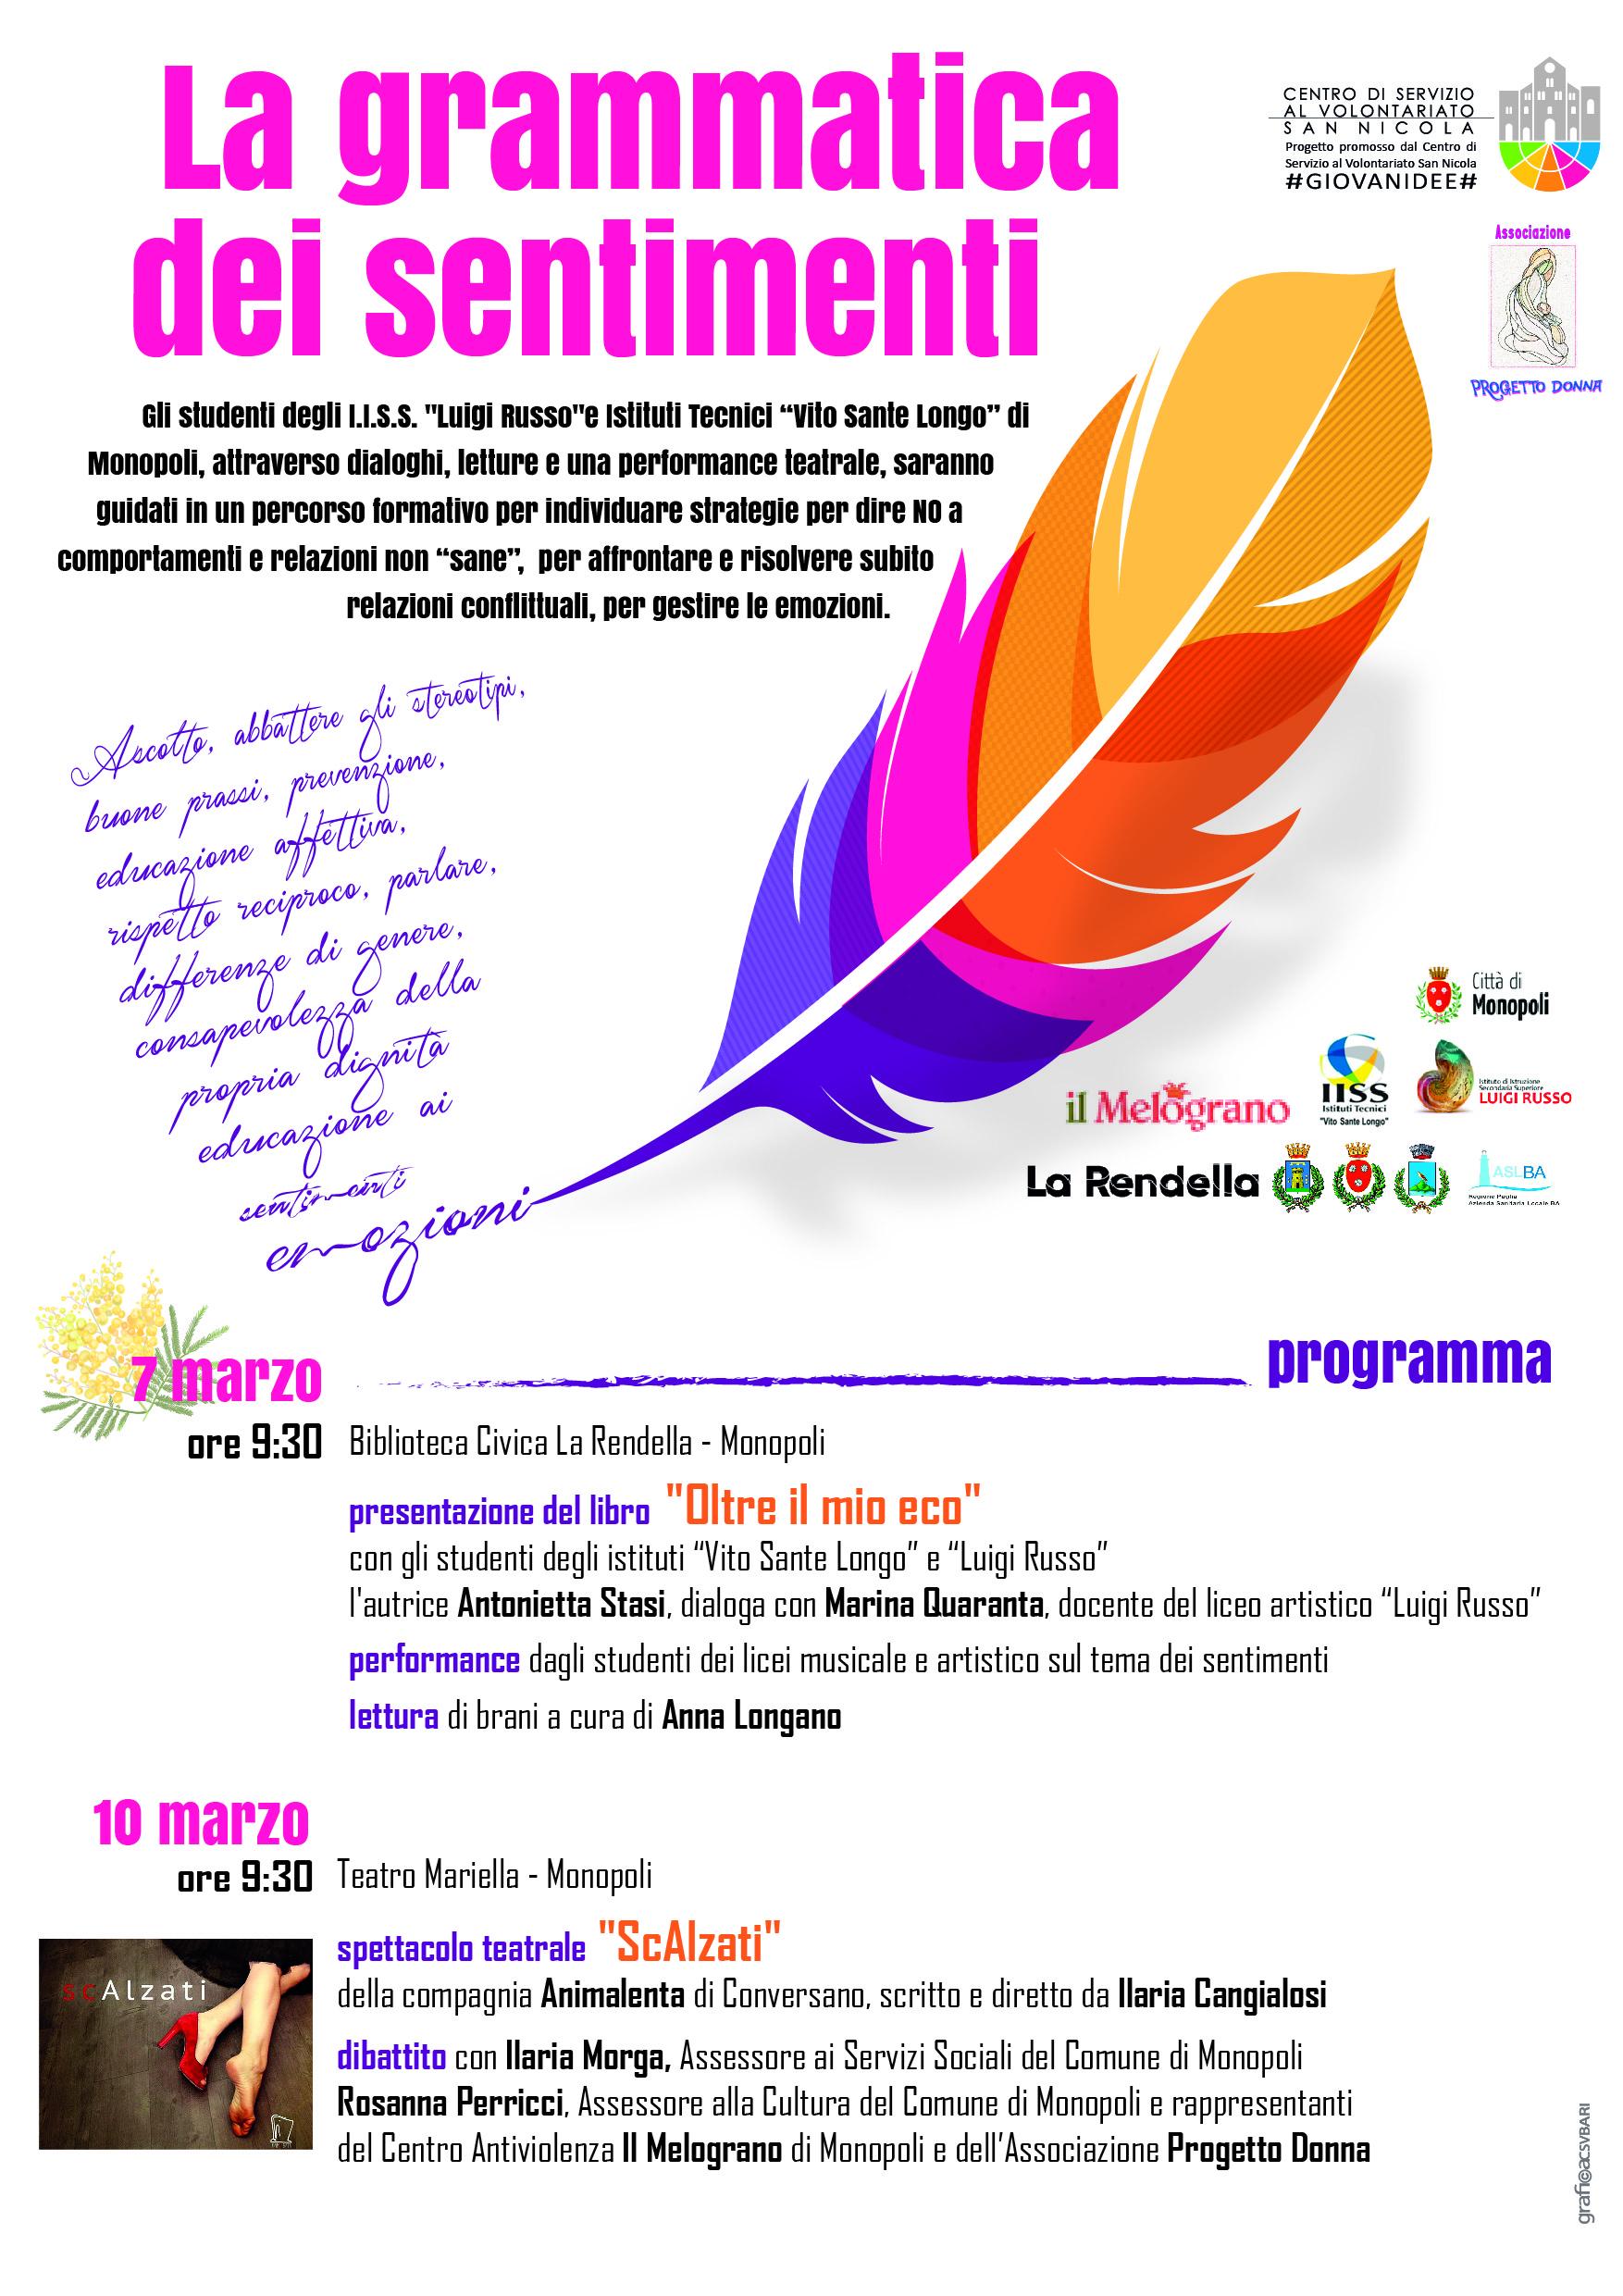 Programma La grammatica dei sentimenti - Progetto Donna - CSVSN #GIOVANIDEE -